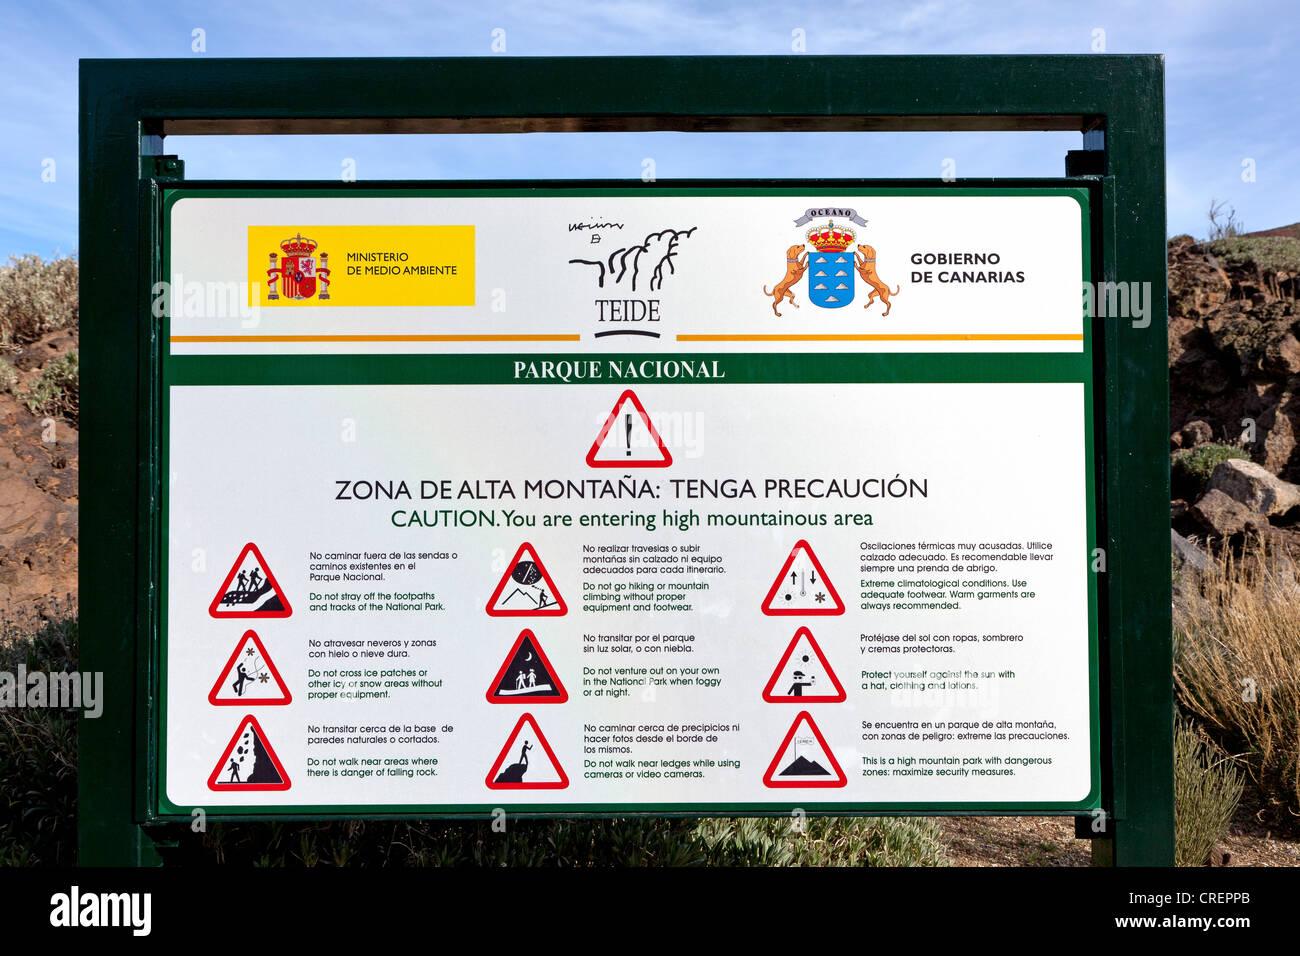 Signer avec des règles de conduite, le Parc National du Teide, Tenerife, Canaries, Espagne, Europe Banque D'Images